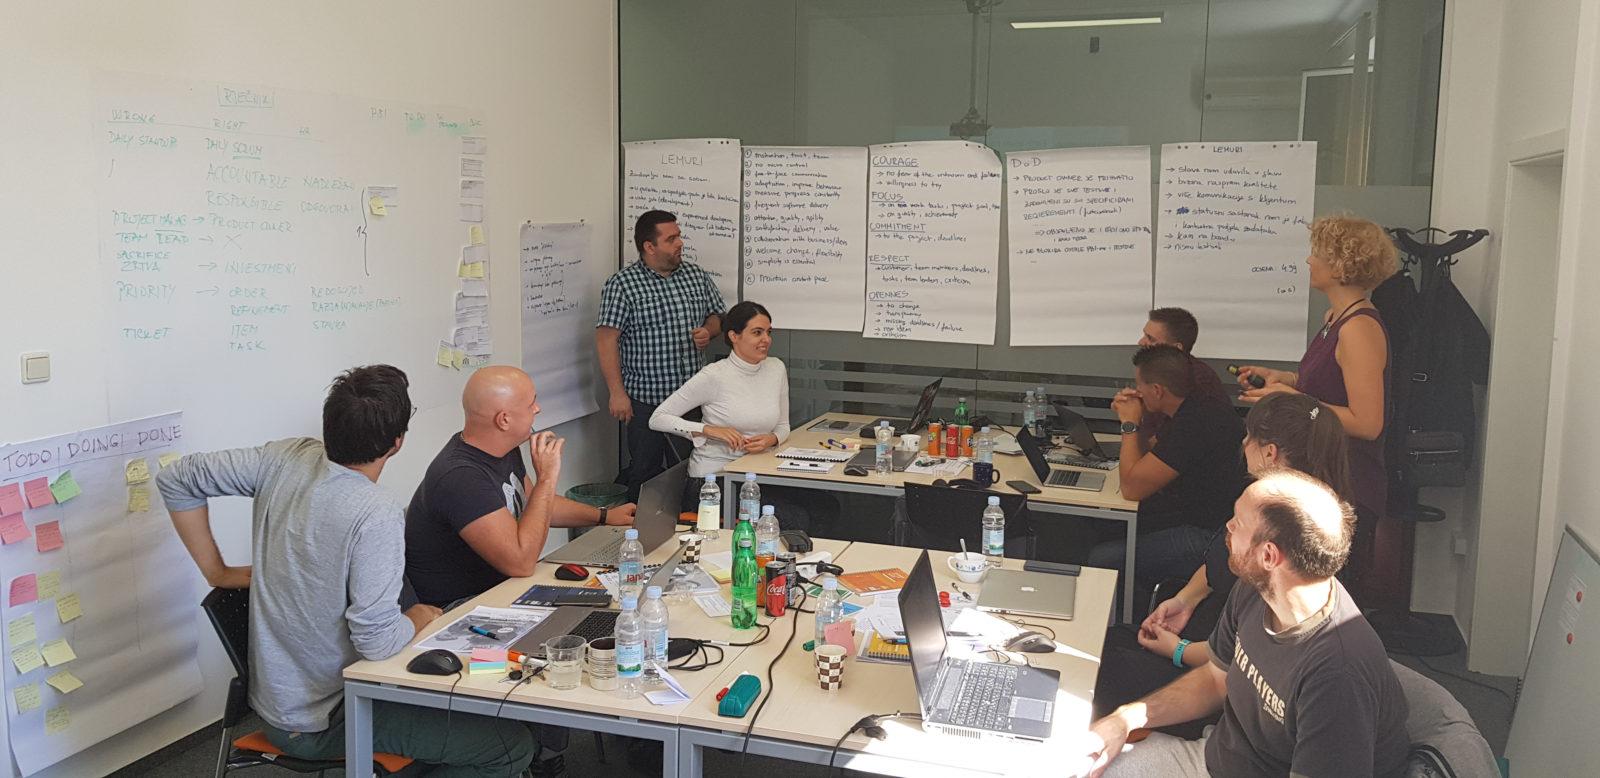 Certificirani Scrum.org tečajevi održani krajem rujna po prvi put u Zagrebu